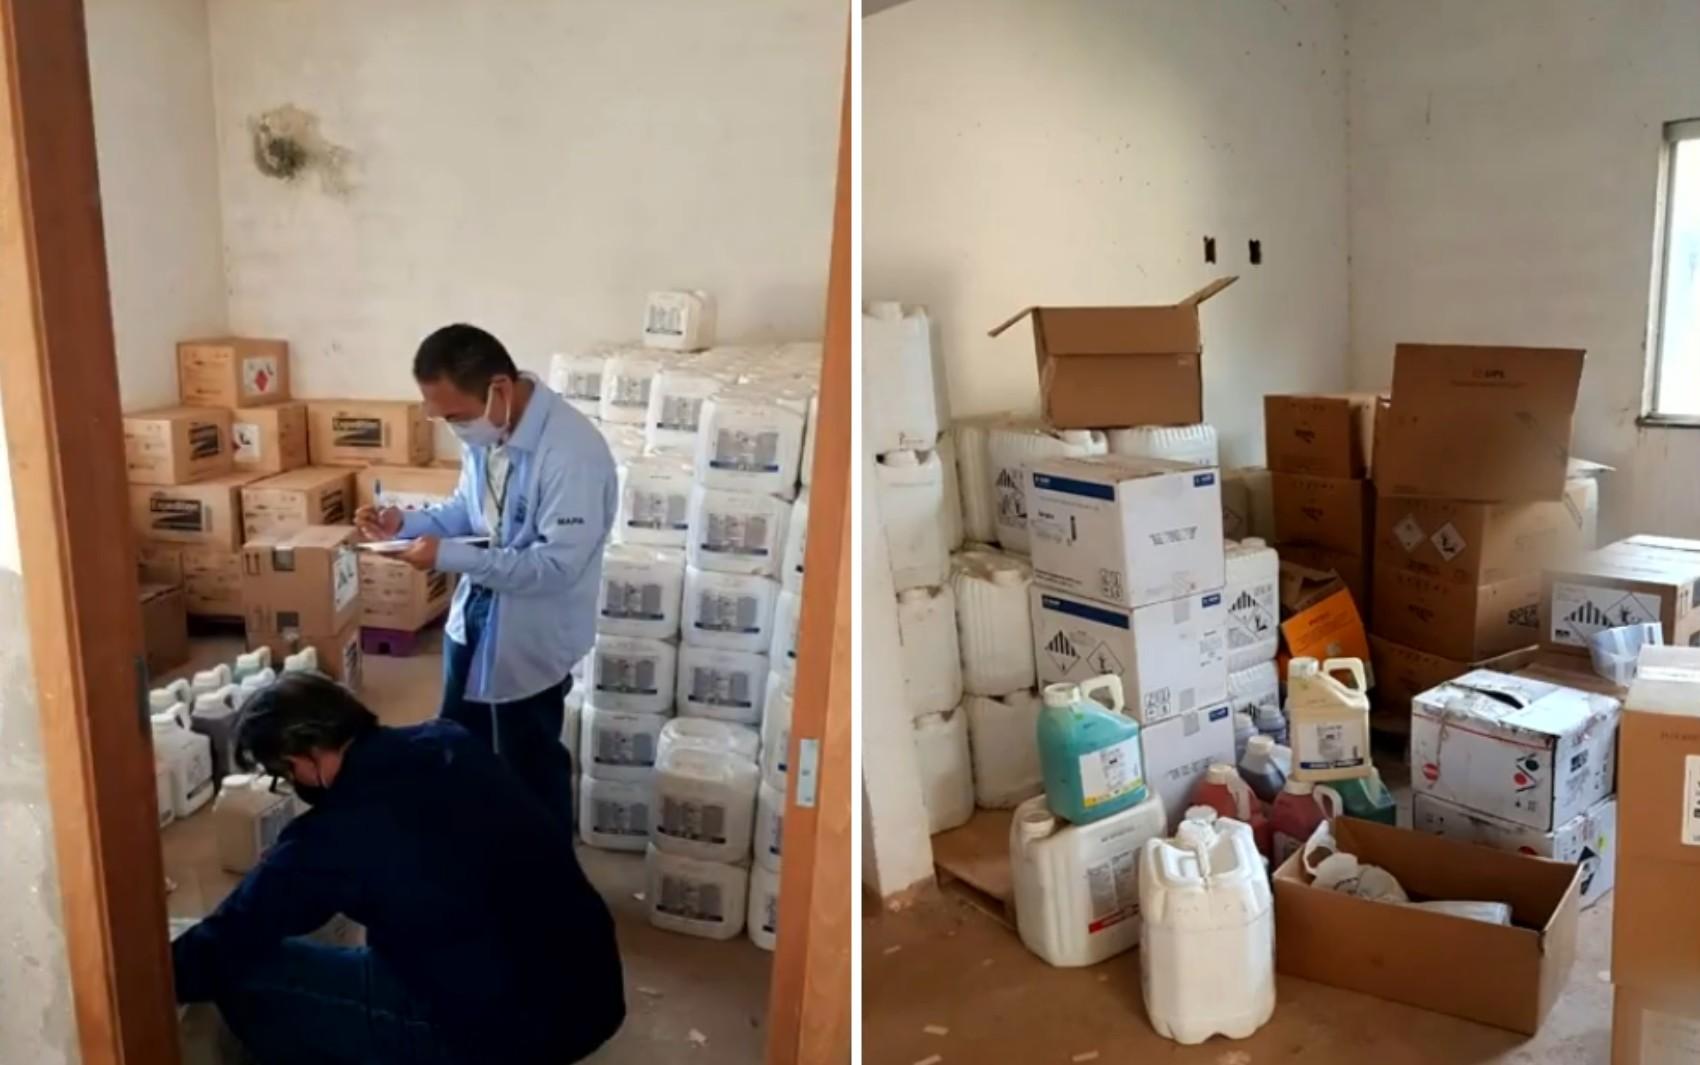 Operação fecha fábrica clandestina de agrotóxicos e apreende 9 toneladas de produtos com 'selo de qualidade' falsificado